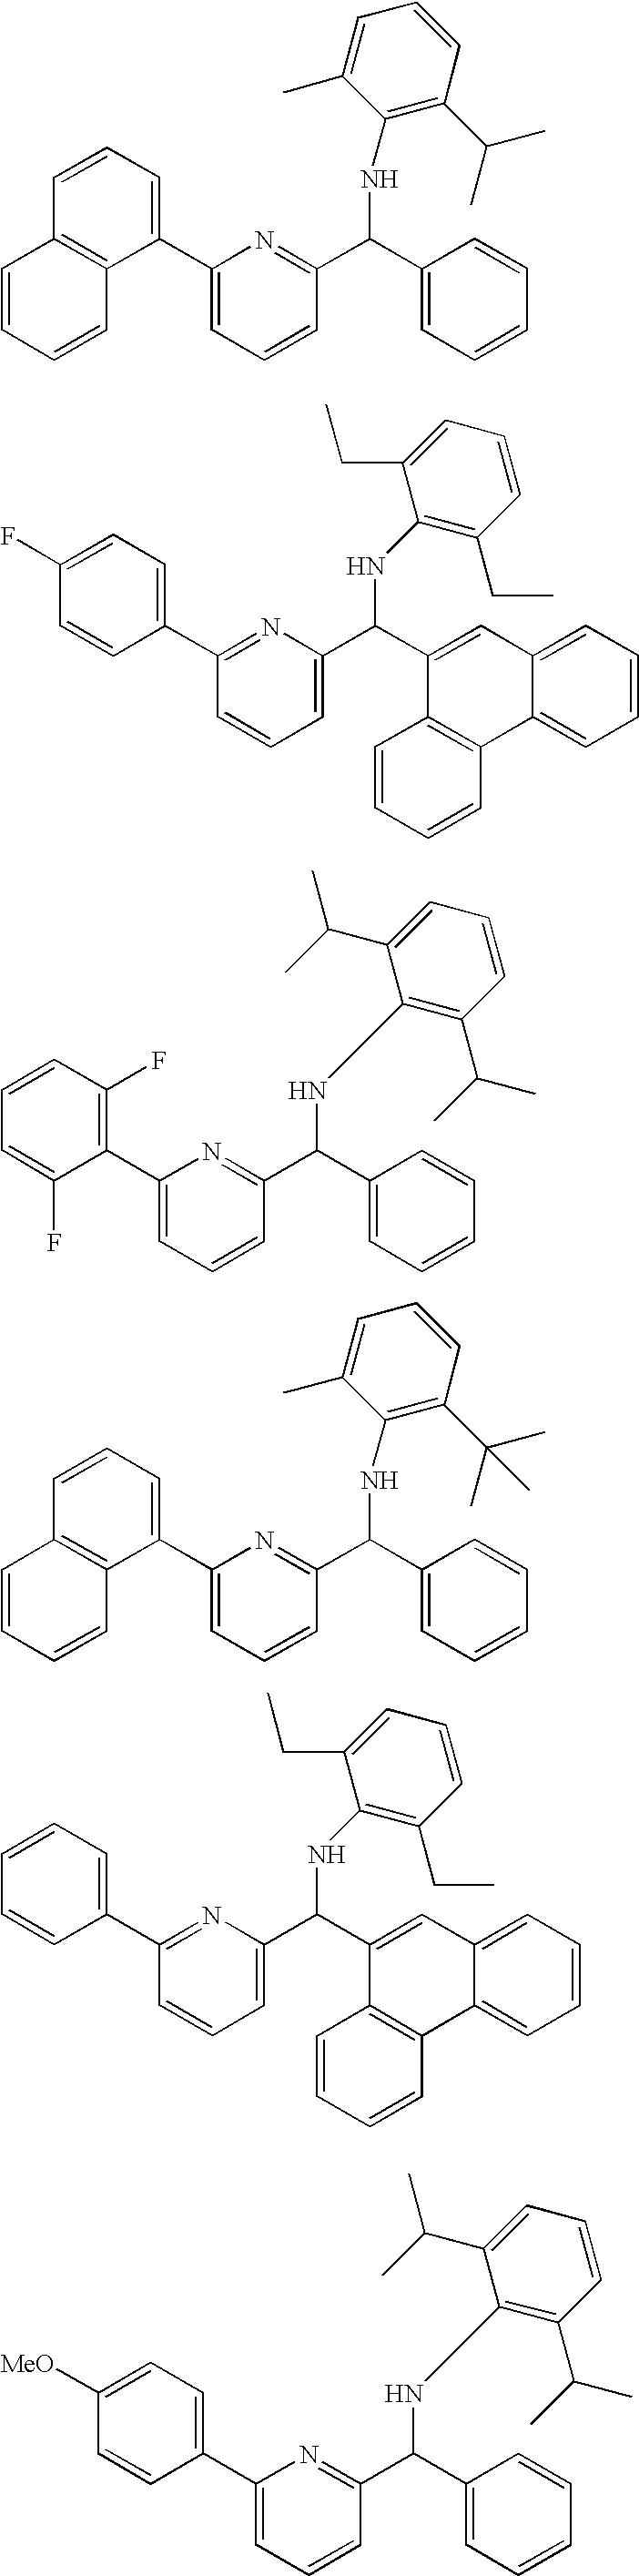 Figure US06900321-20050531-C00034